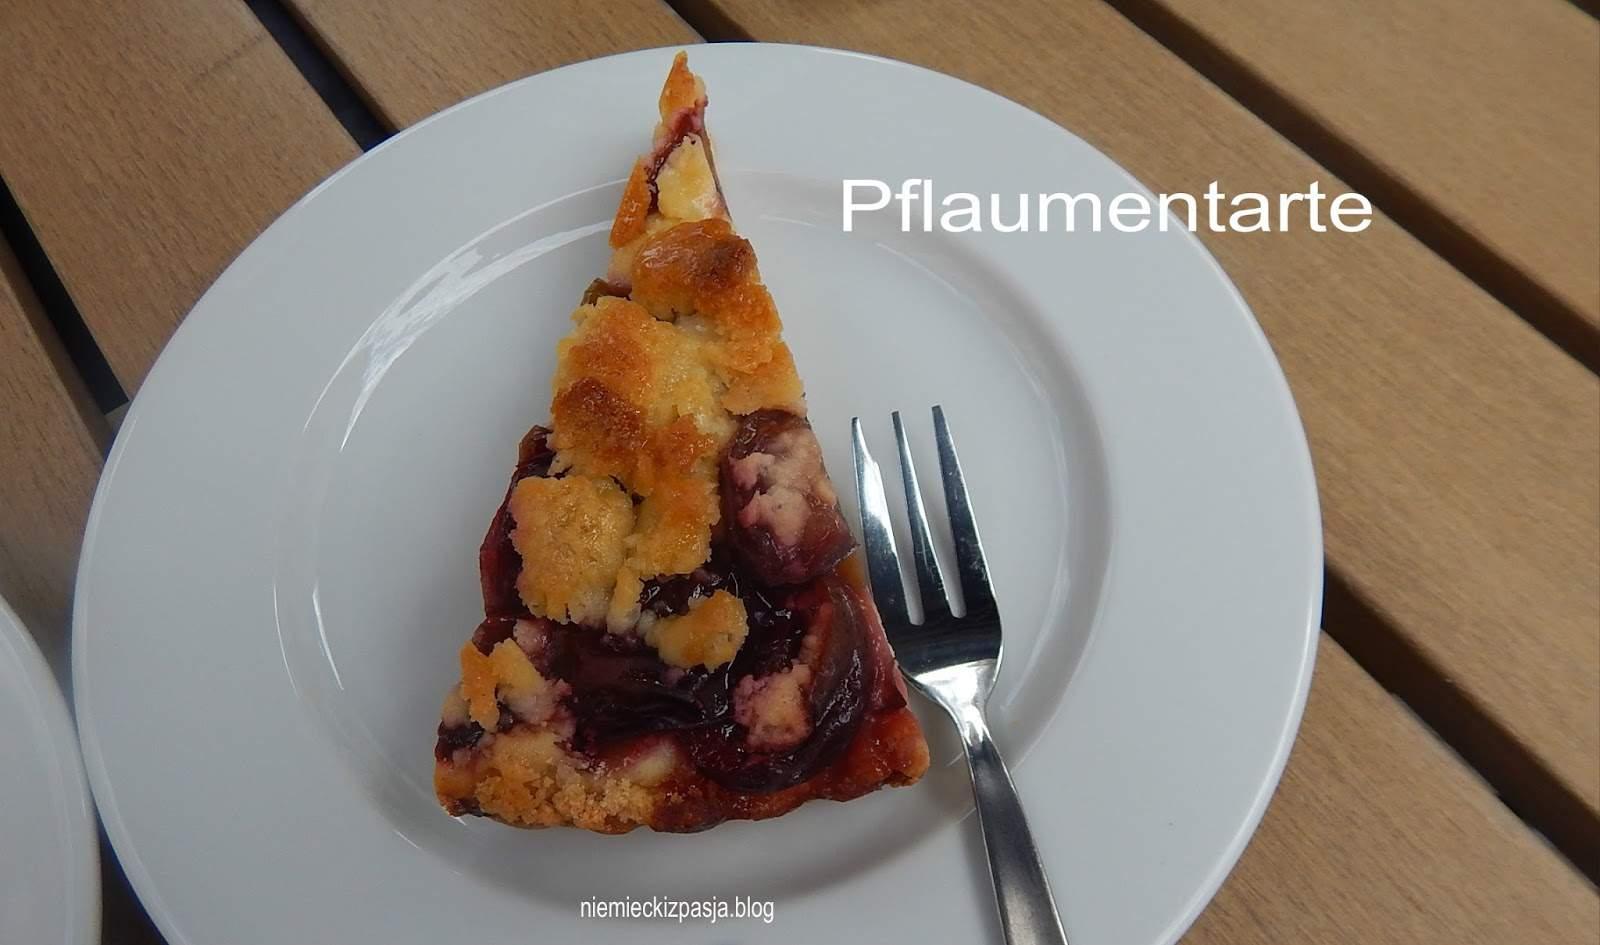 pAP3901 Pflaumentarte tarta śliwkowa drożdzówka